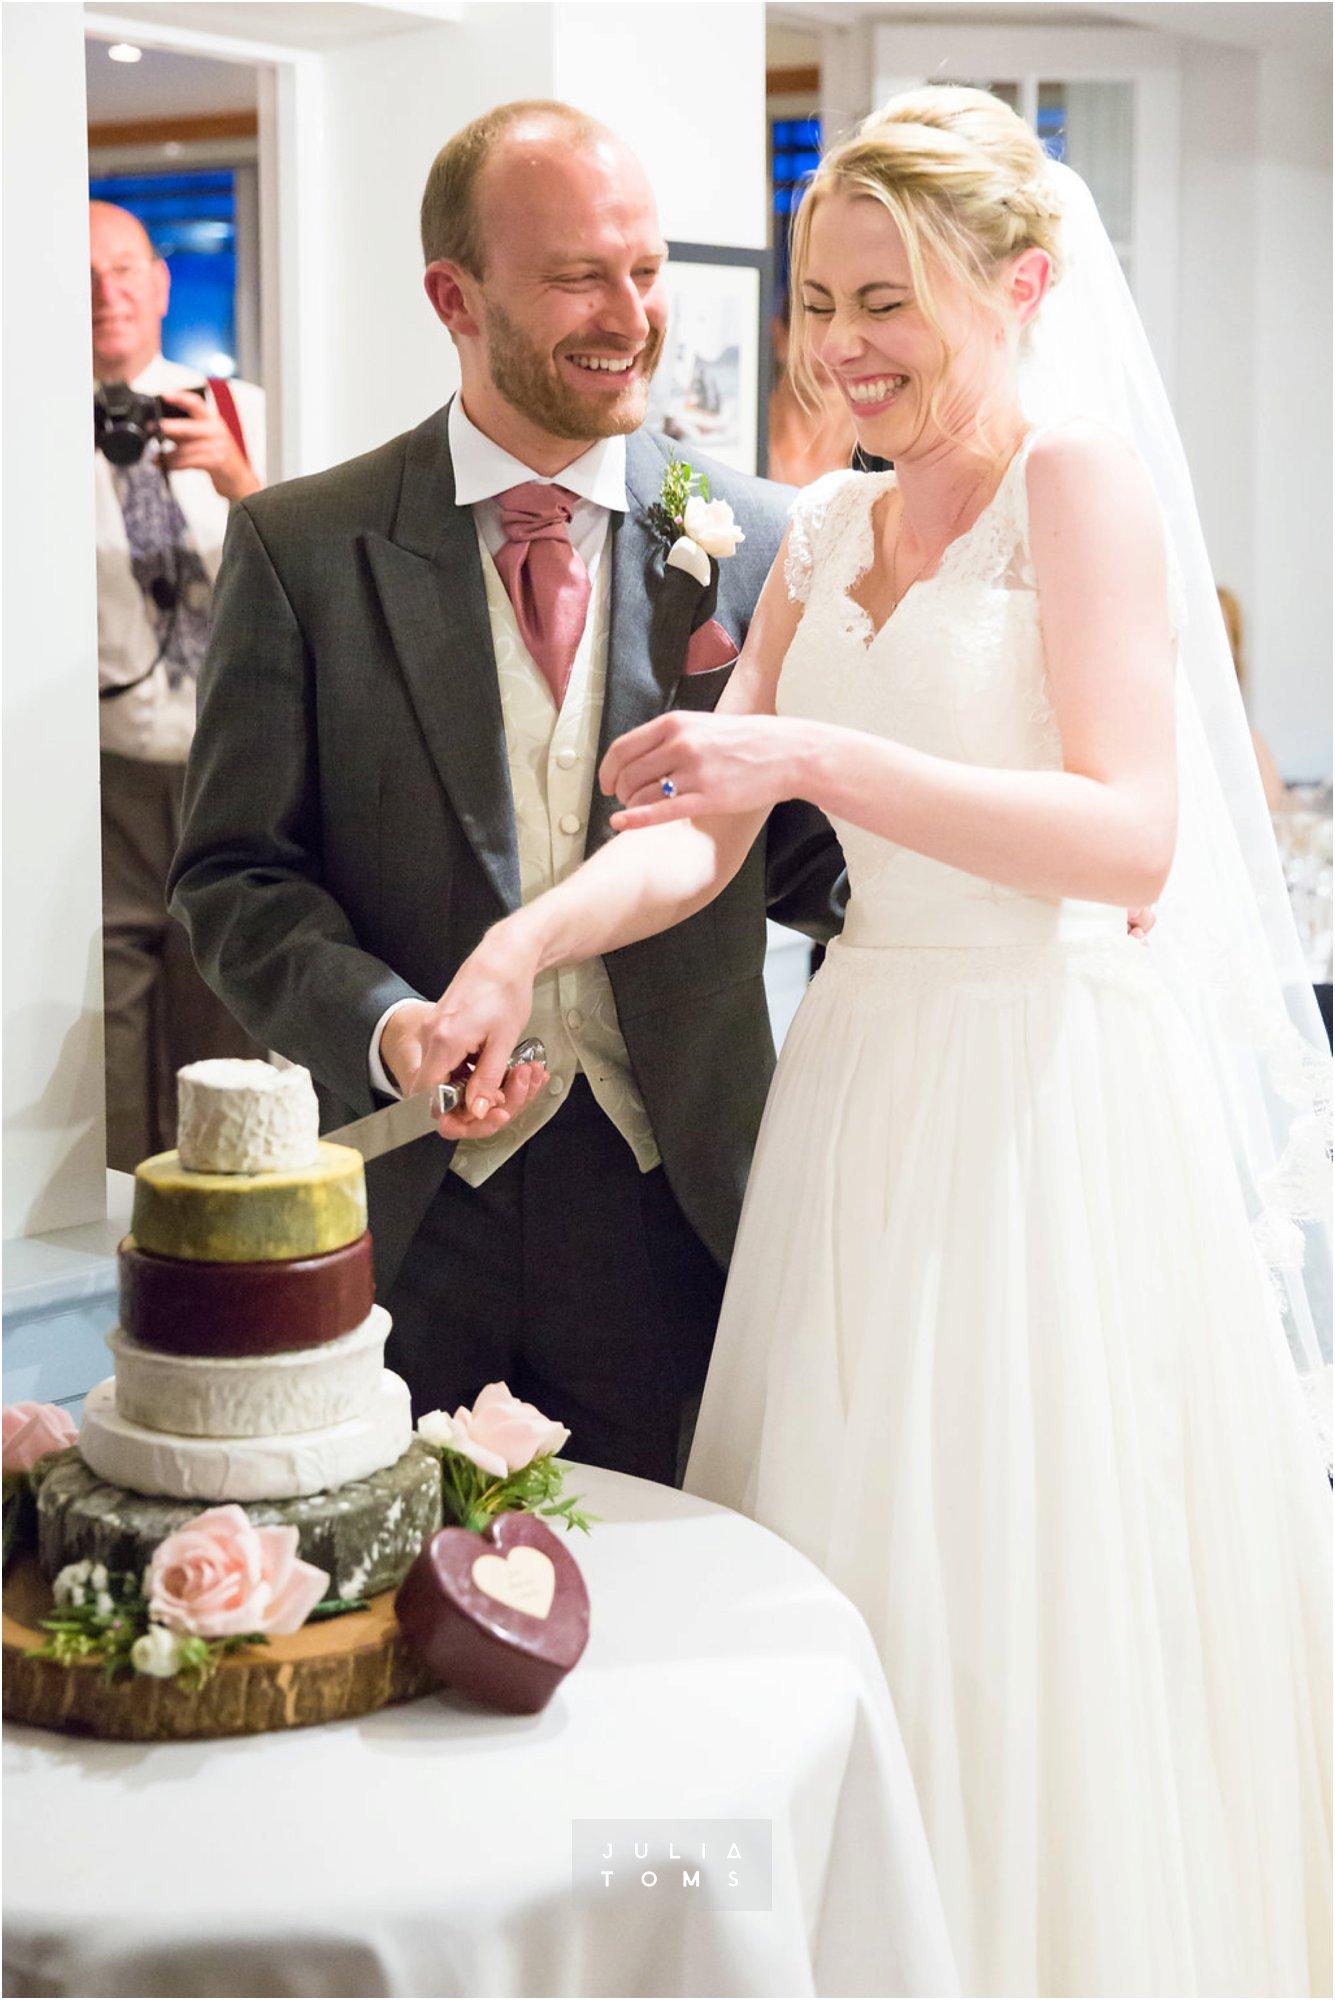 itchenor_wedding_chichester_photographer_088.jpg